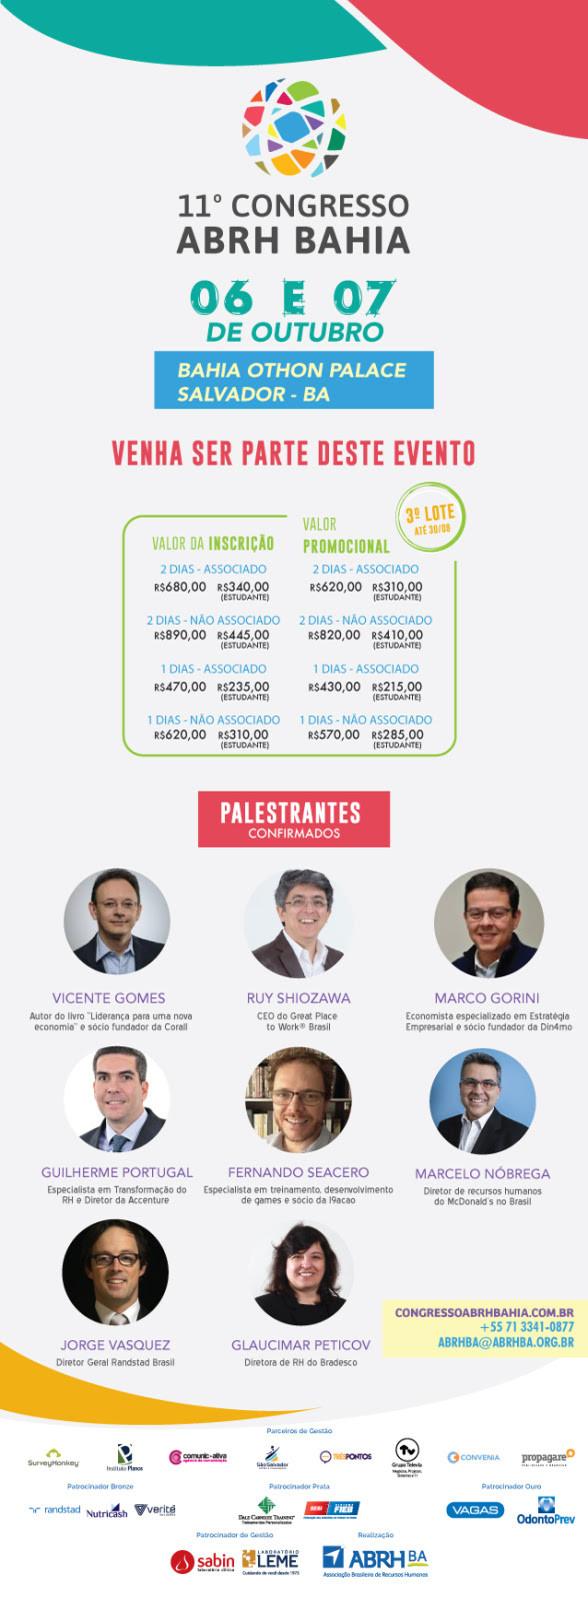 11º Congresso da Associação Brasileira de Recursos Humanos - ABRH Bahia